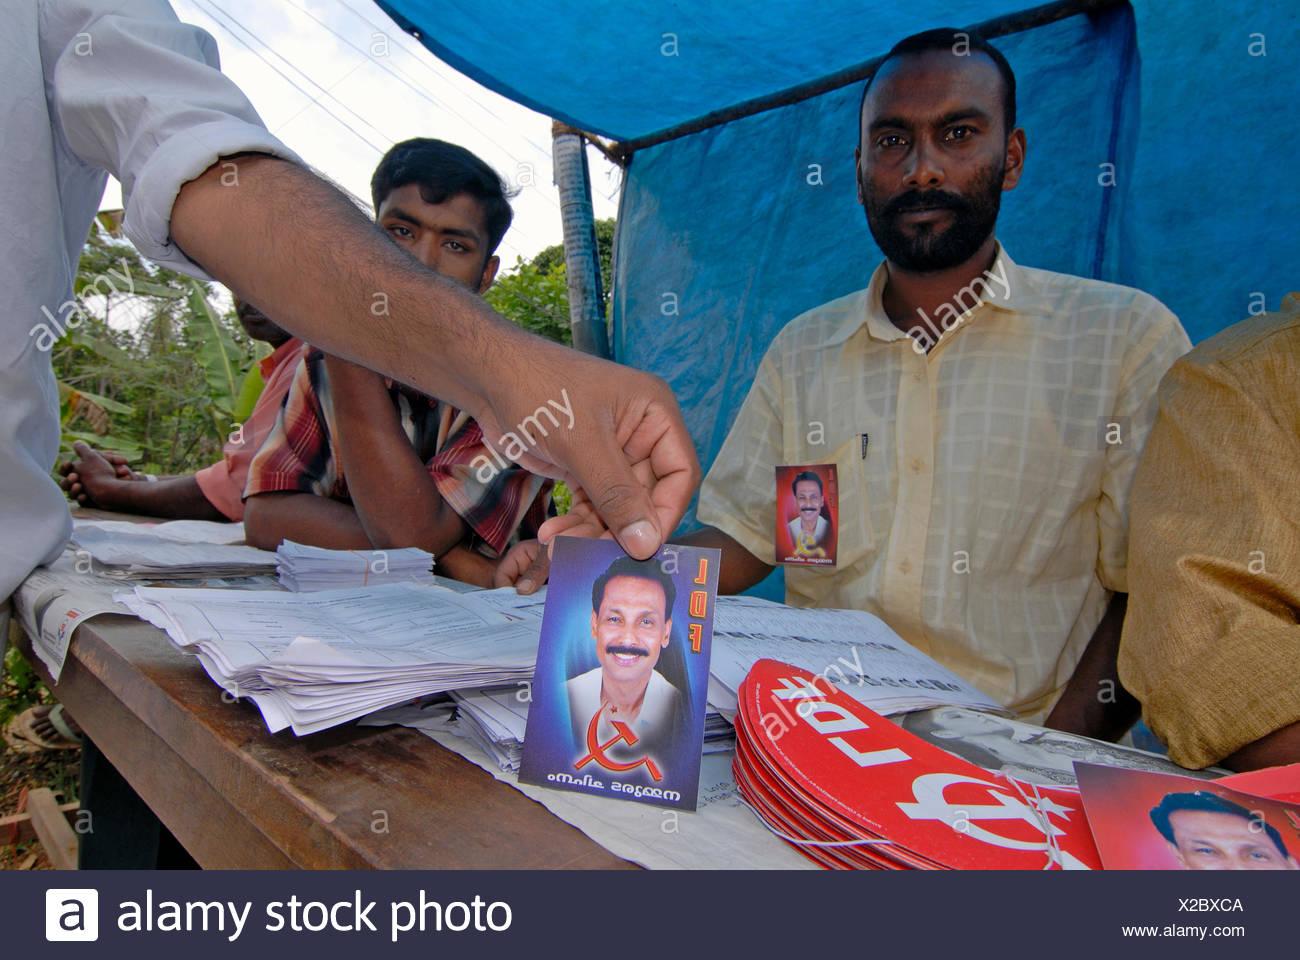 Les partisans du Parti communiste du Kerala, Thekkady, Kerala, Inde du Sud, Inde Photo Stock